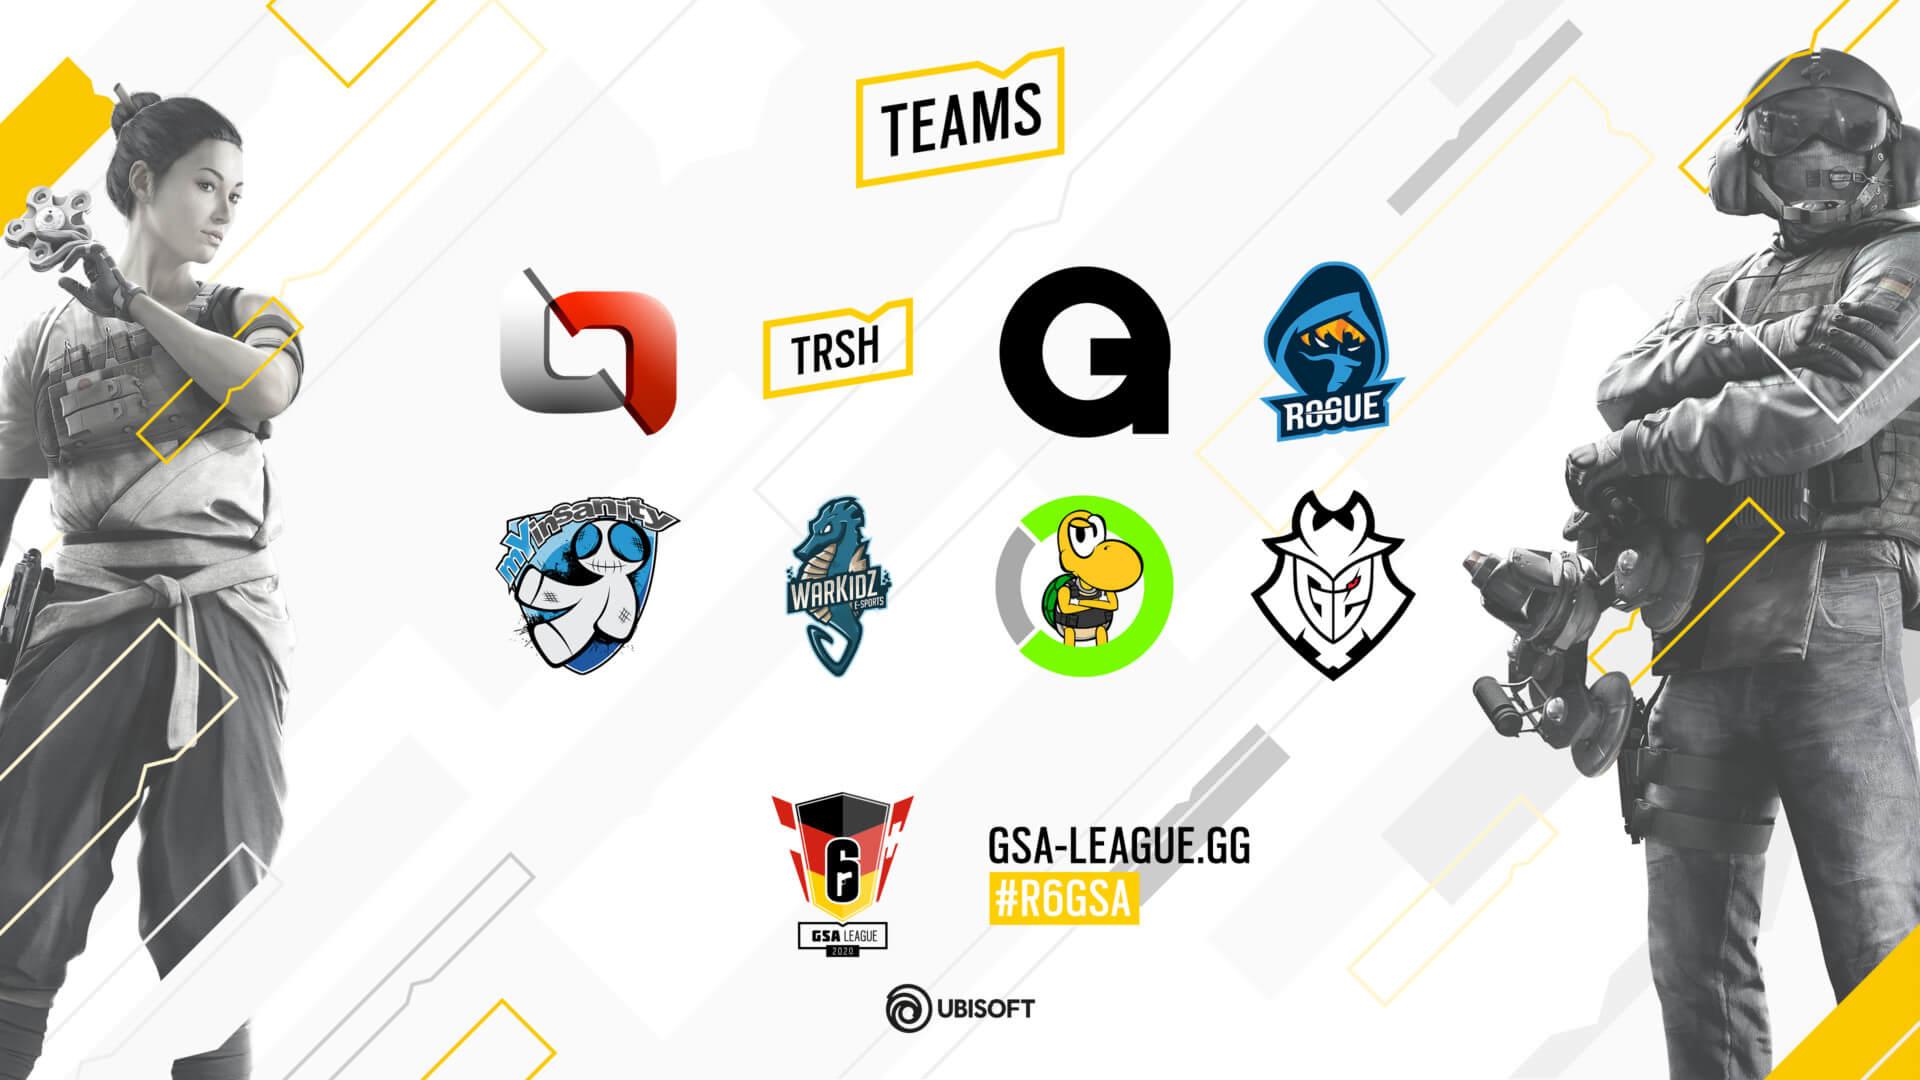 Gsa League20 16 9 Teams